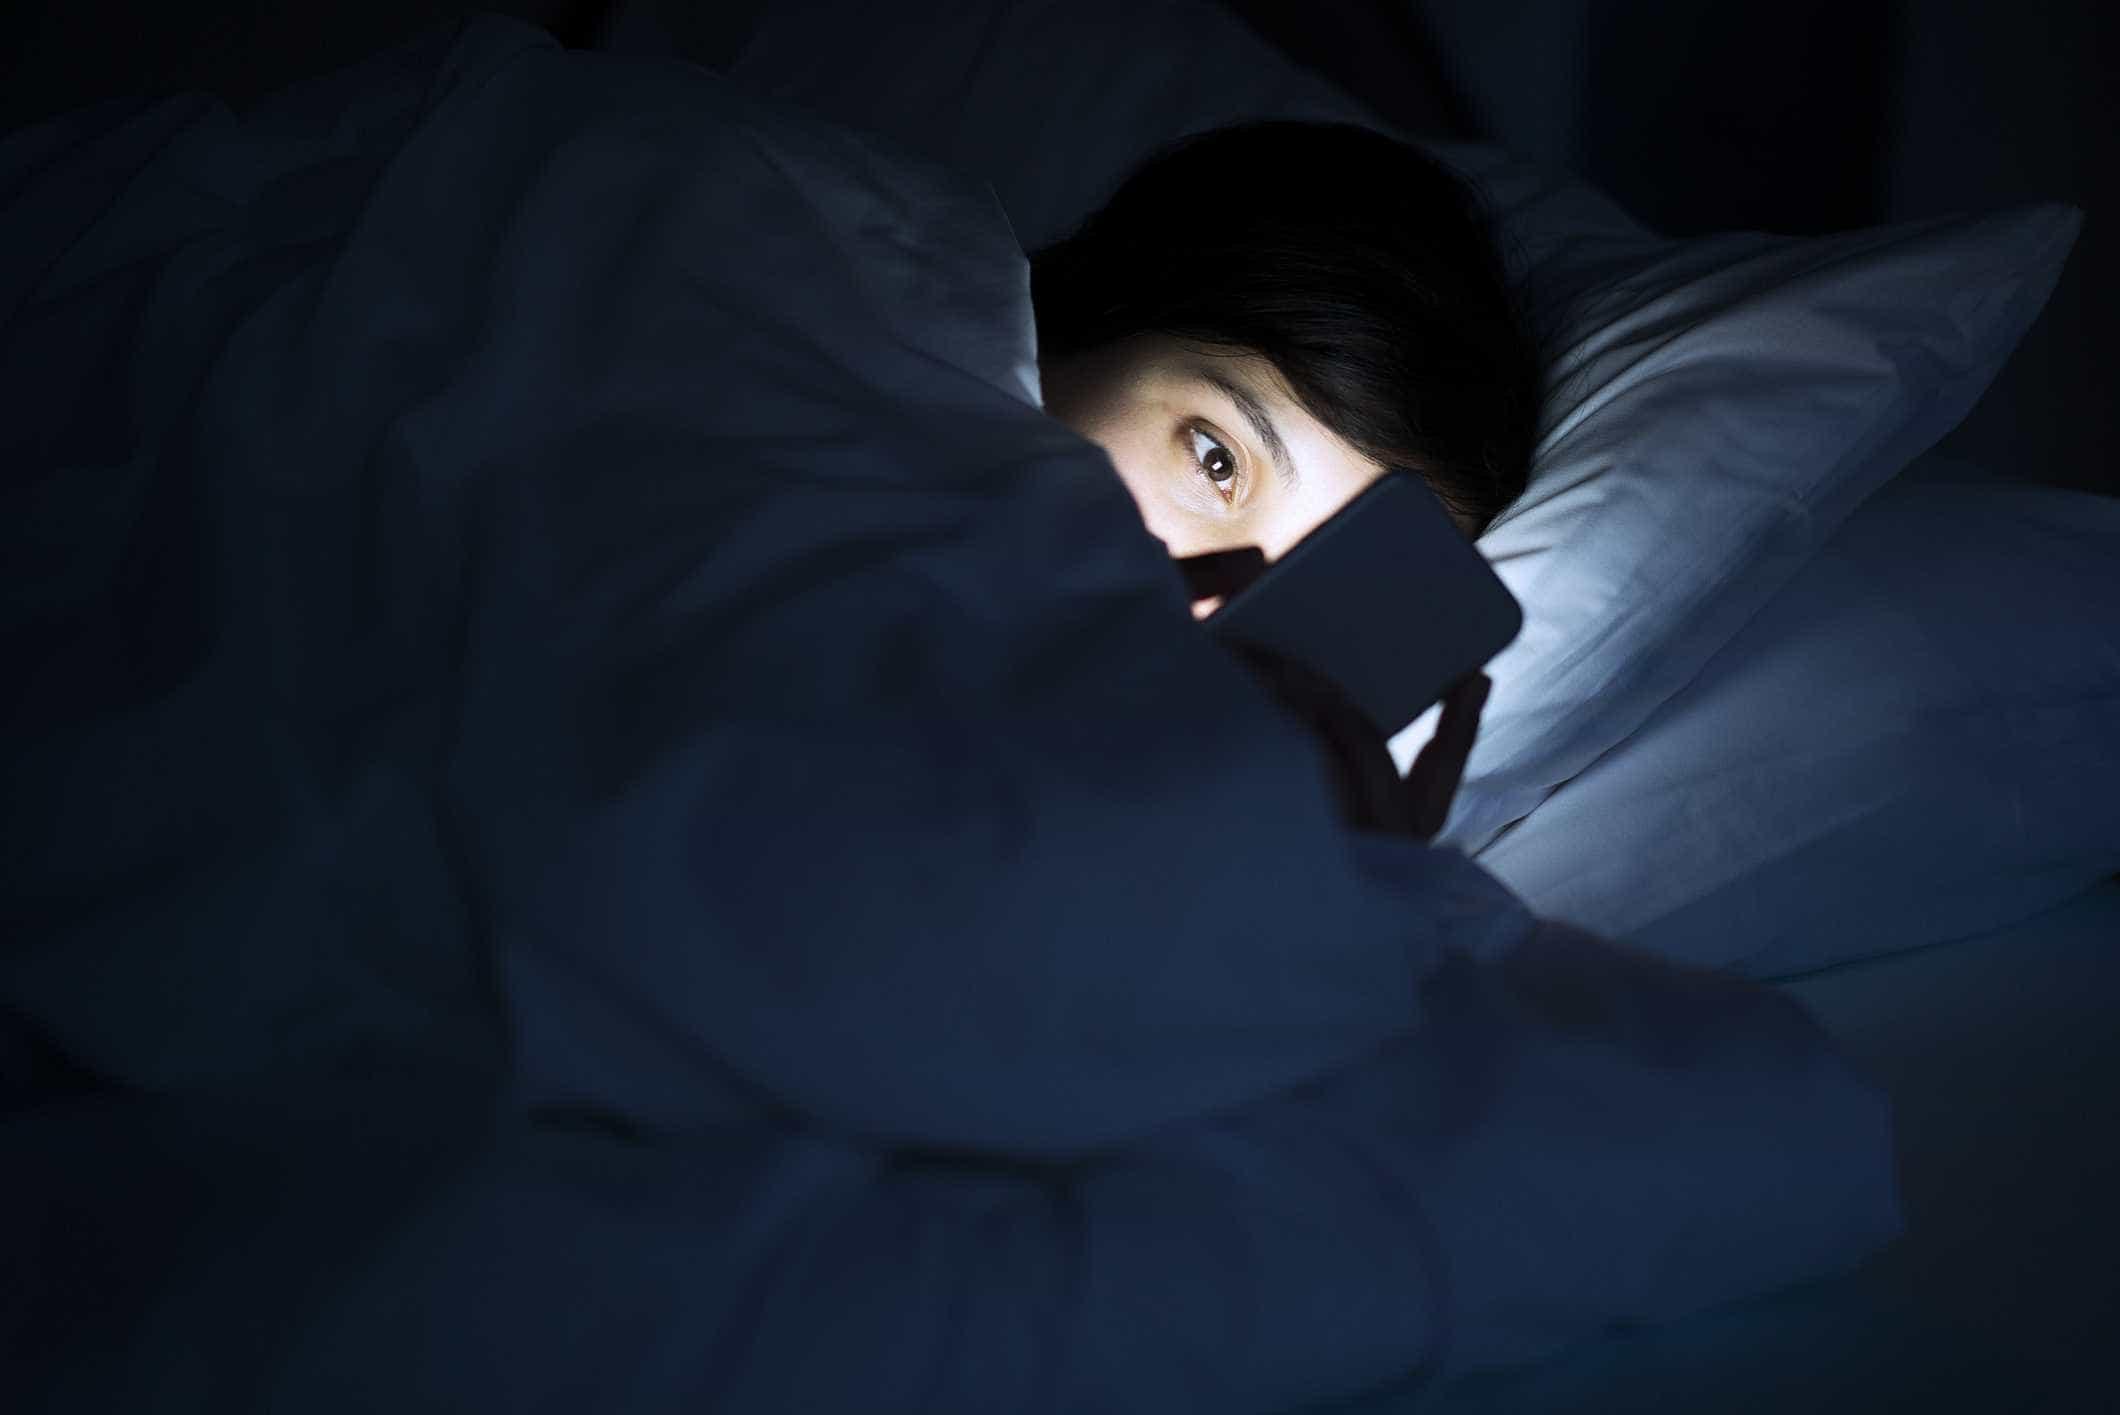 Ecrã do iPhone é demasiado brilhante? Tem de conhecer este truque